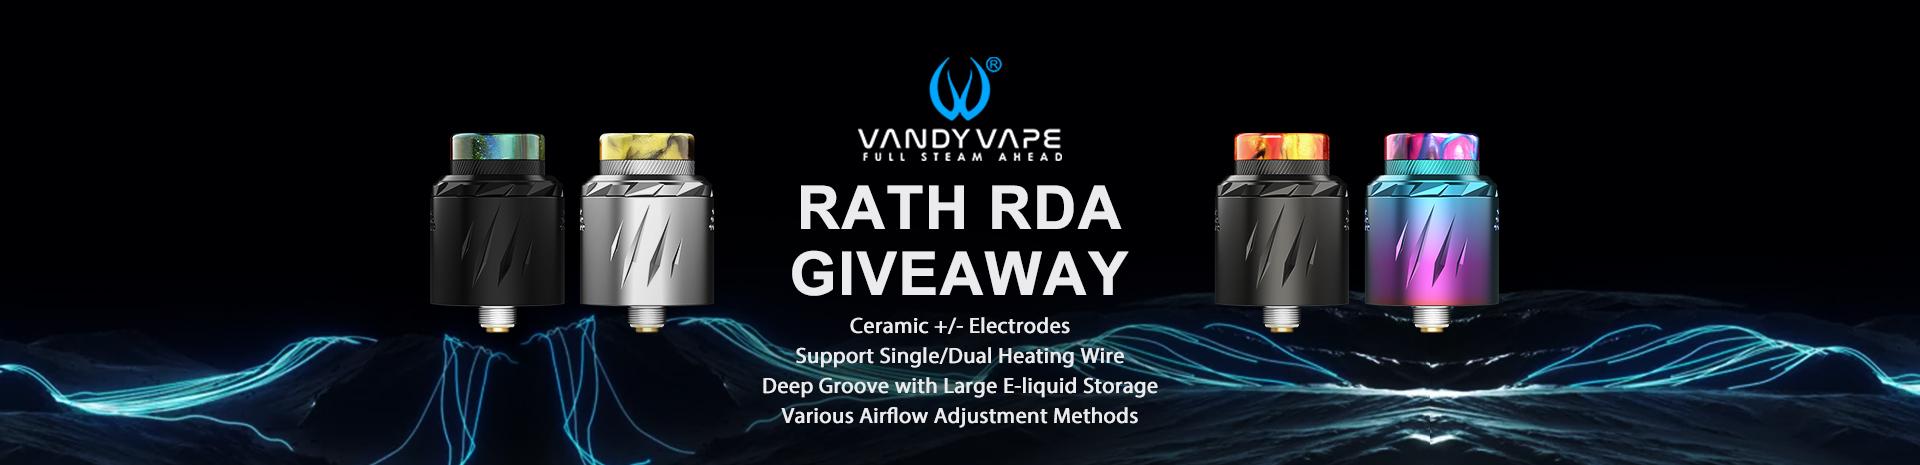 Vandy Vape Rath RDA Giveaway Banner